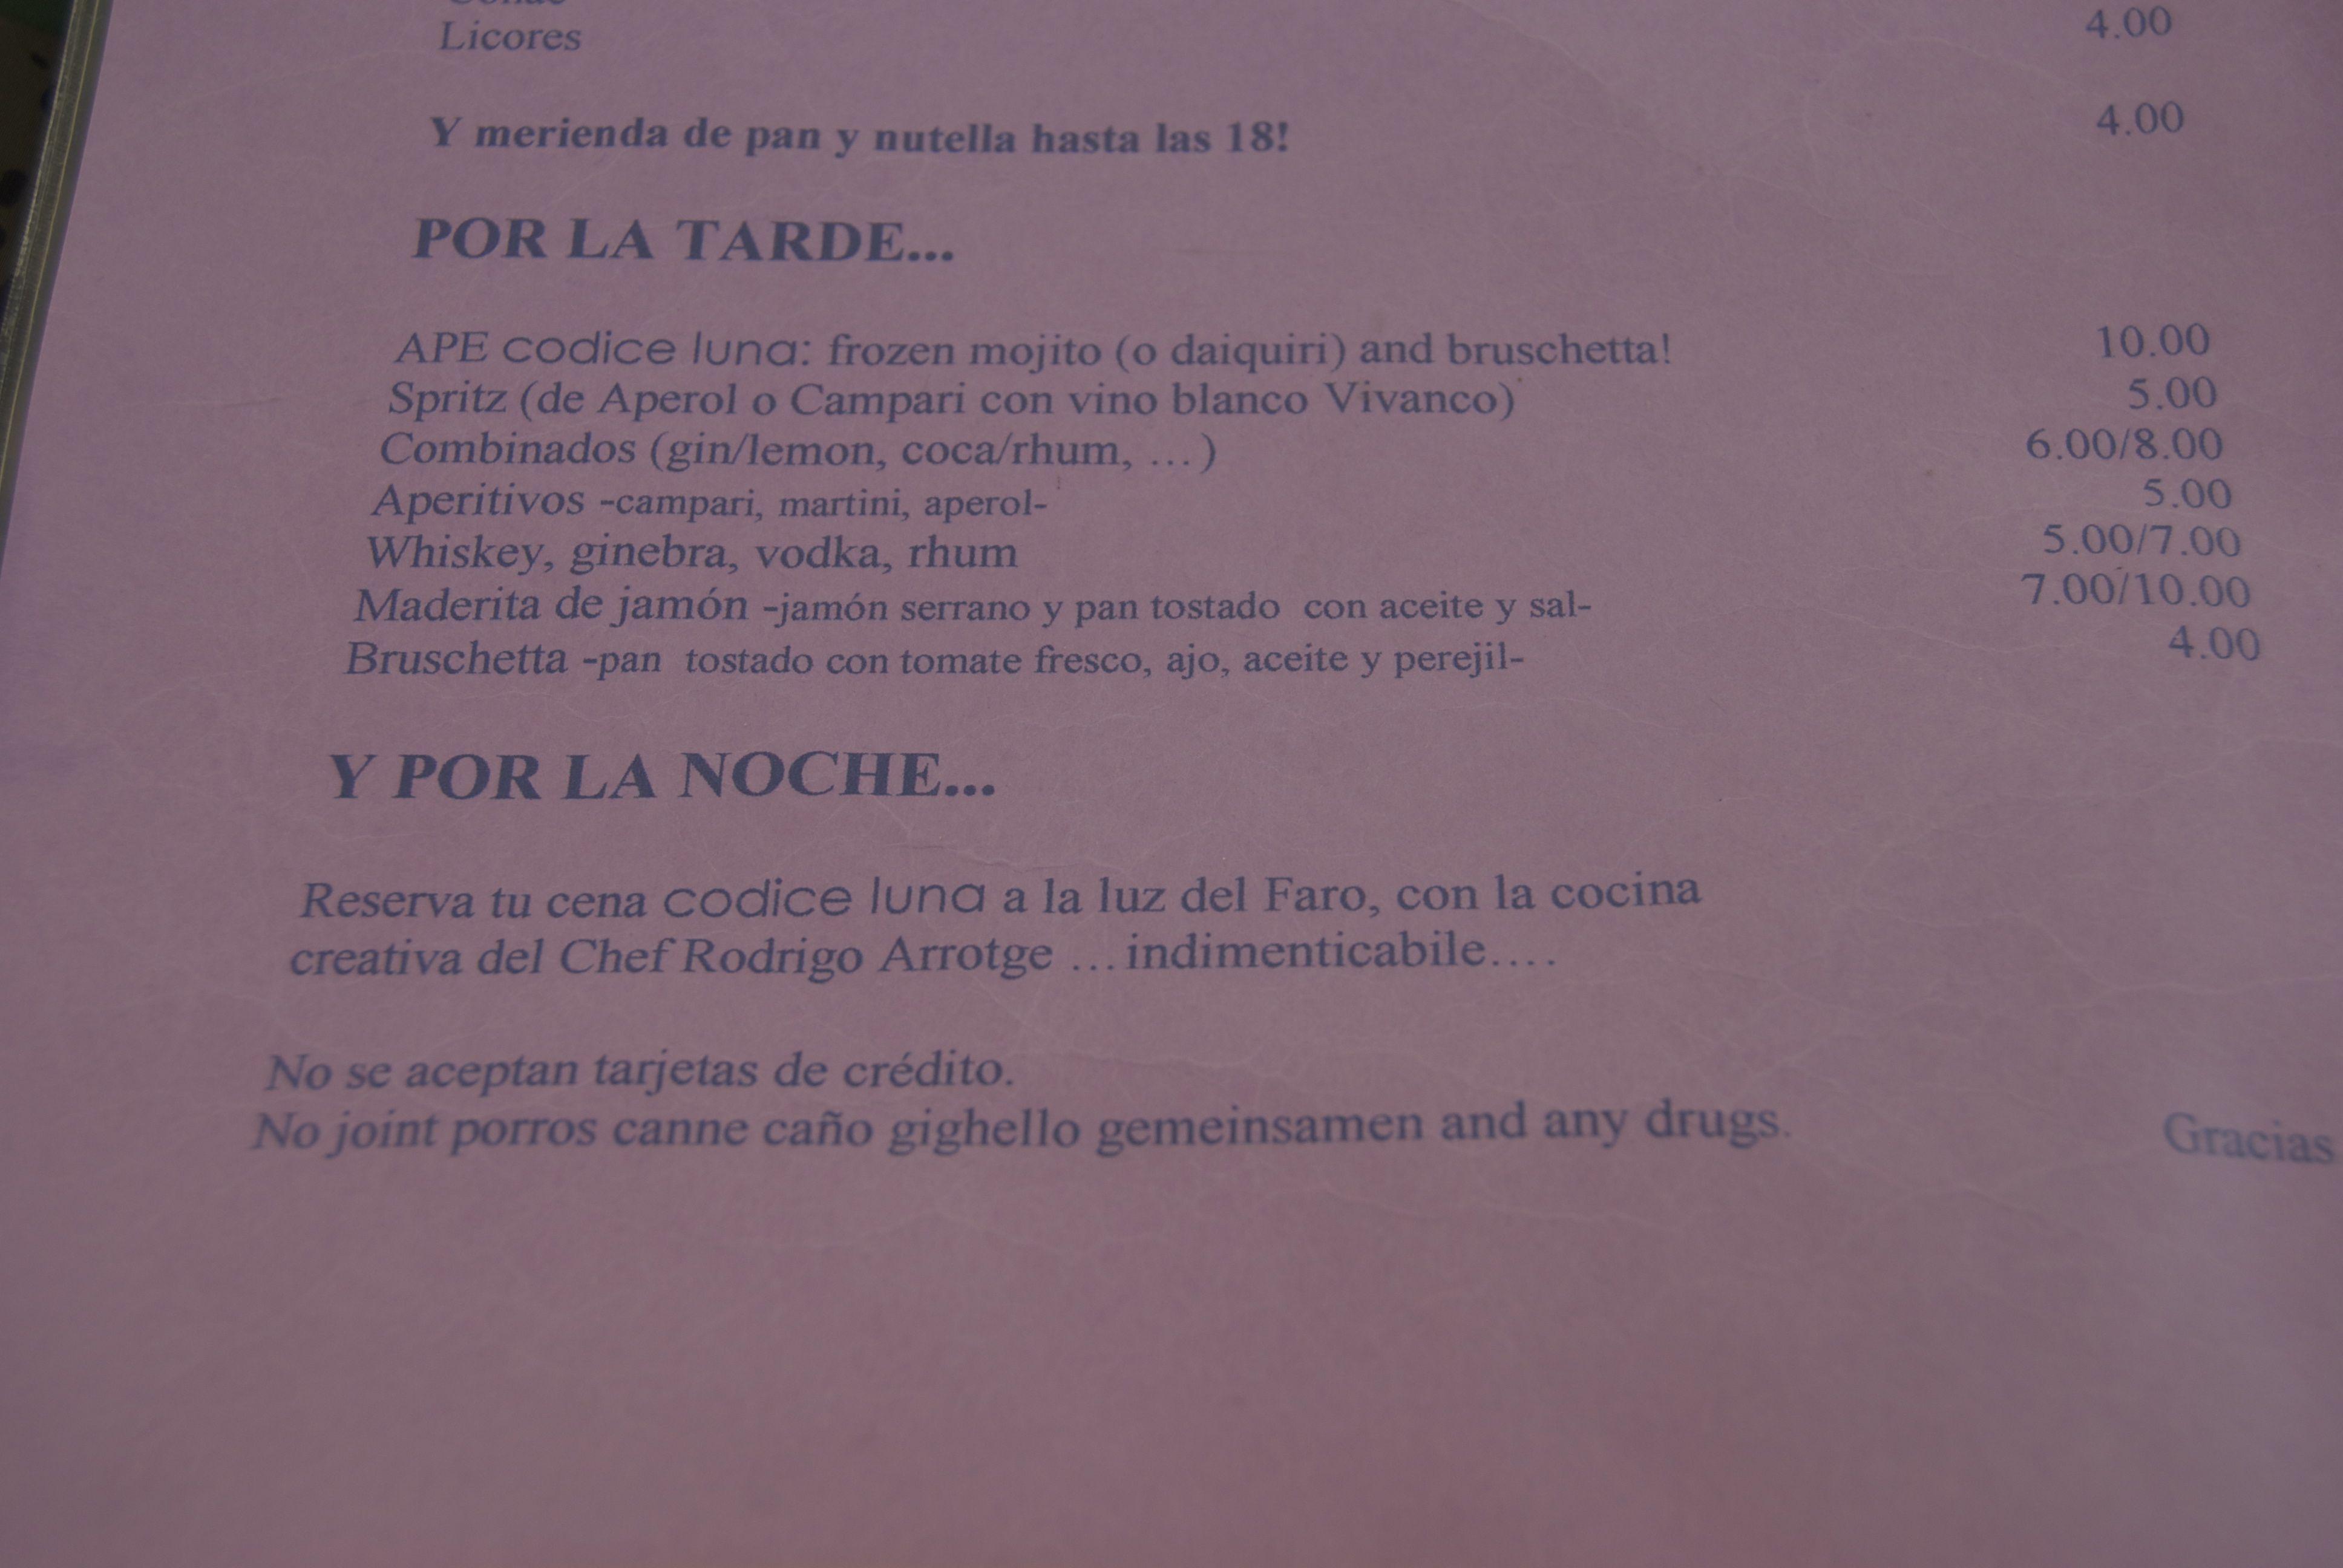 Carta del Codice Luna (Formentera)